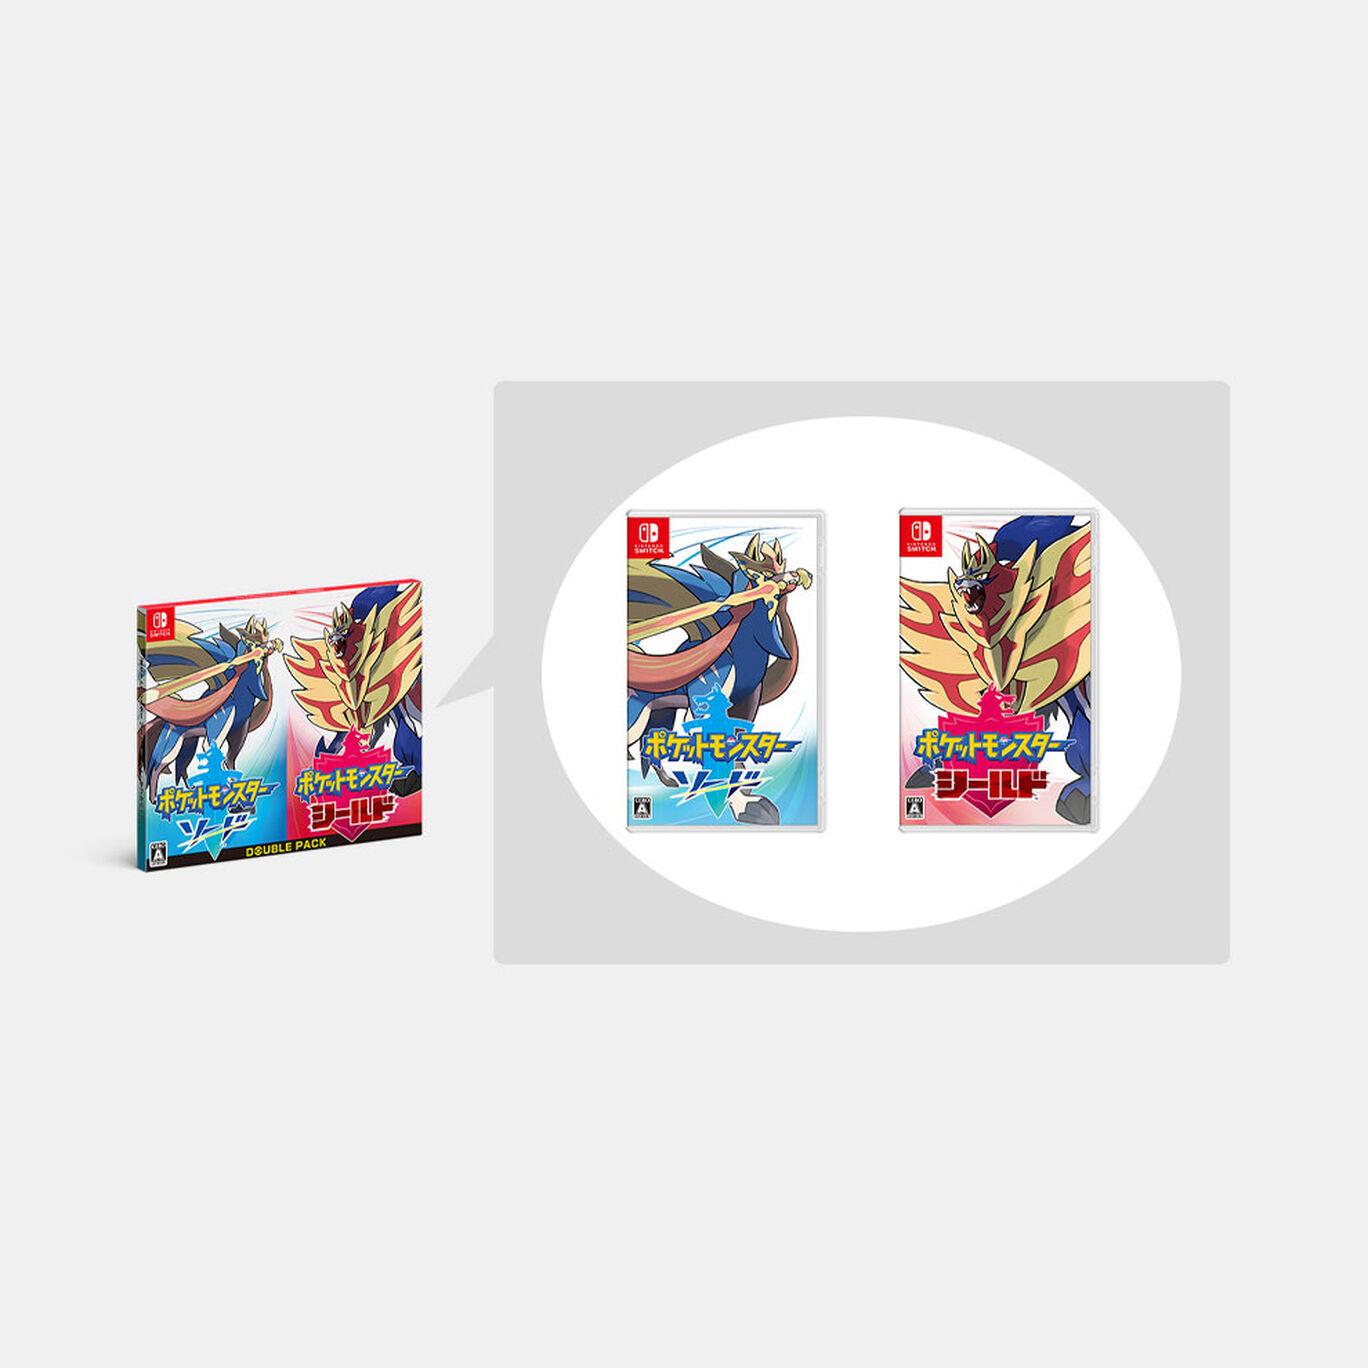 『ポケットモンスター ソード・シールド』ダブルパック【ダブルパック限定特典】ヨーギラスとジャラコとの特別なマックスレイドバトルができるシリアルコード2種